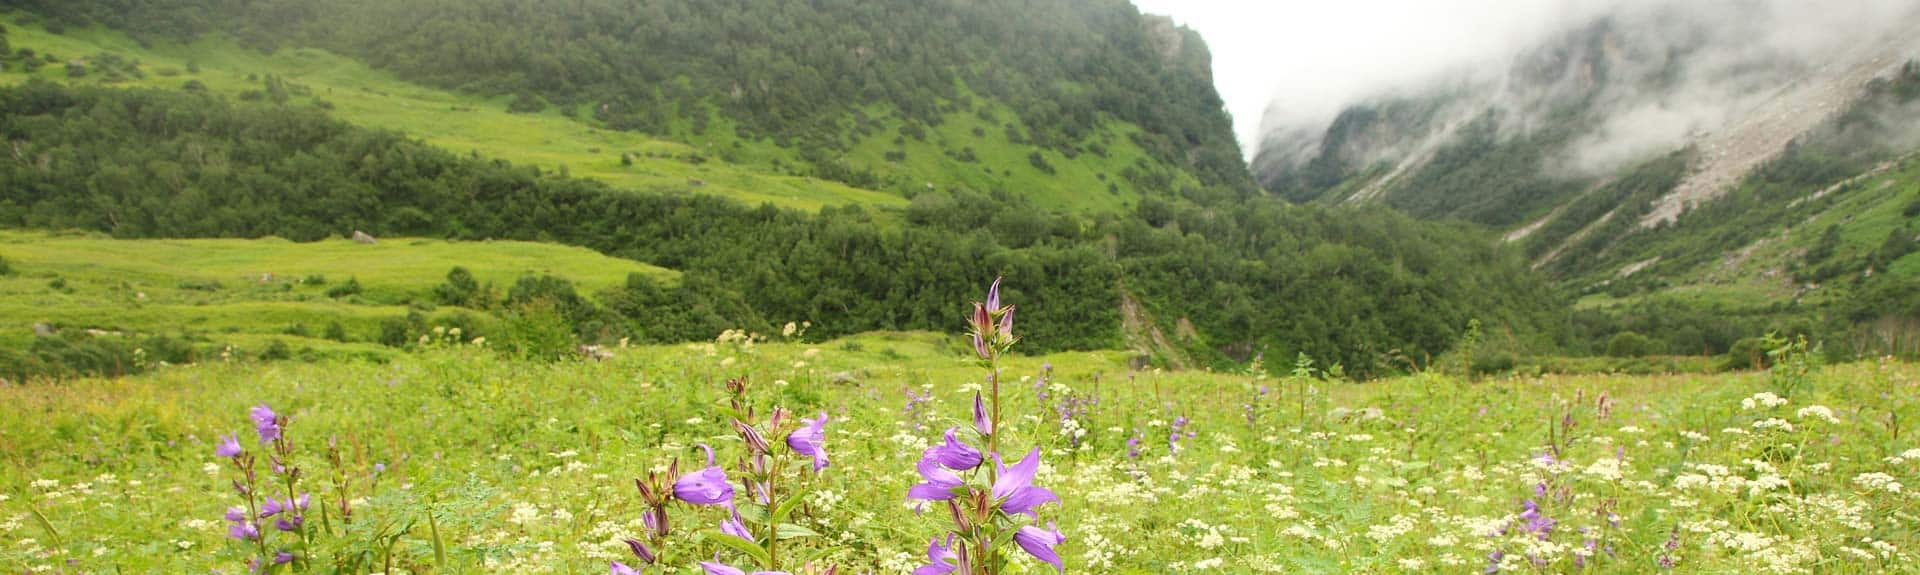 valley of flowers tourism valley of flowers tourist places